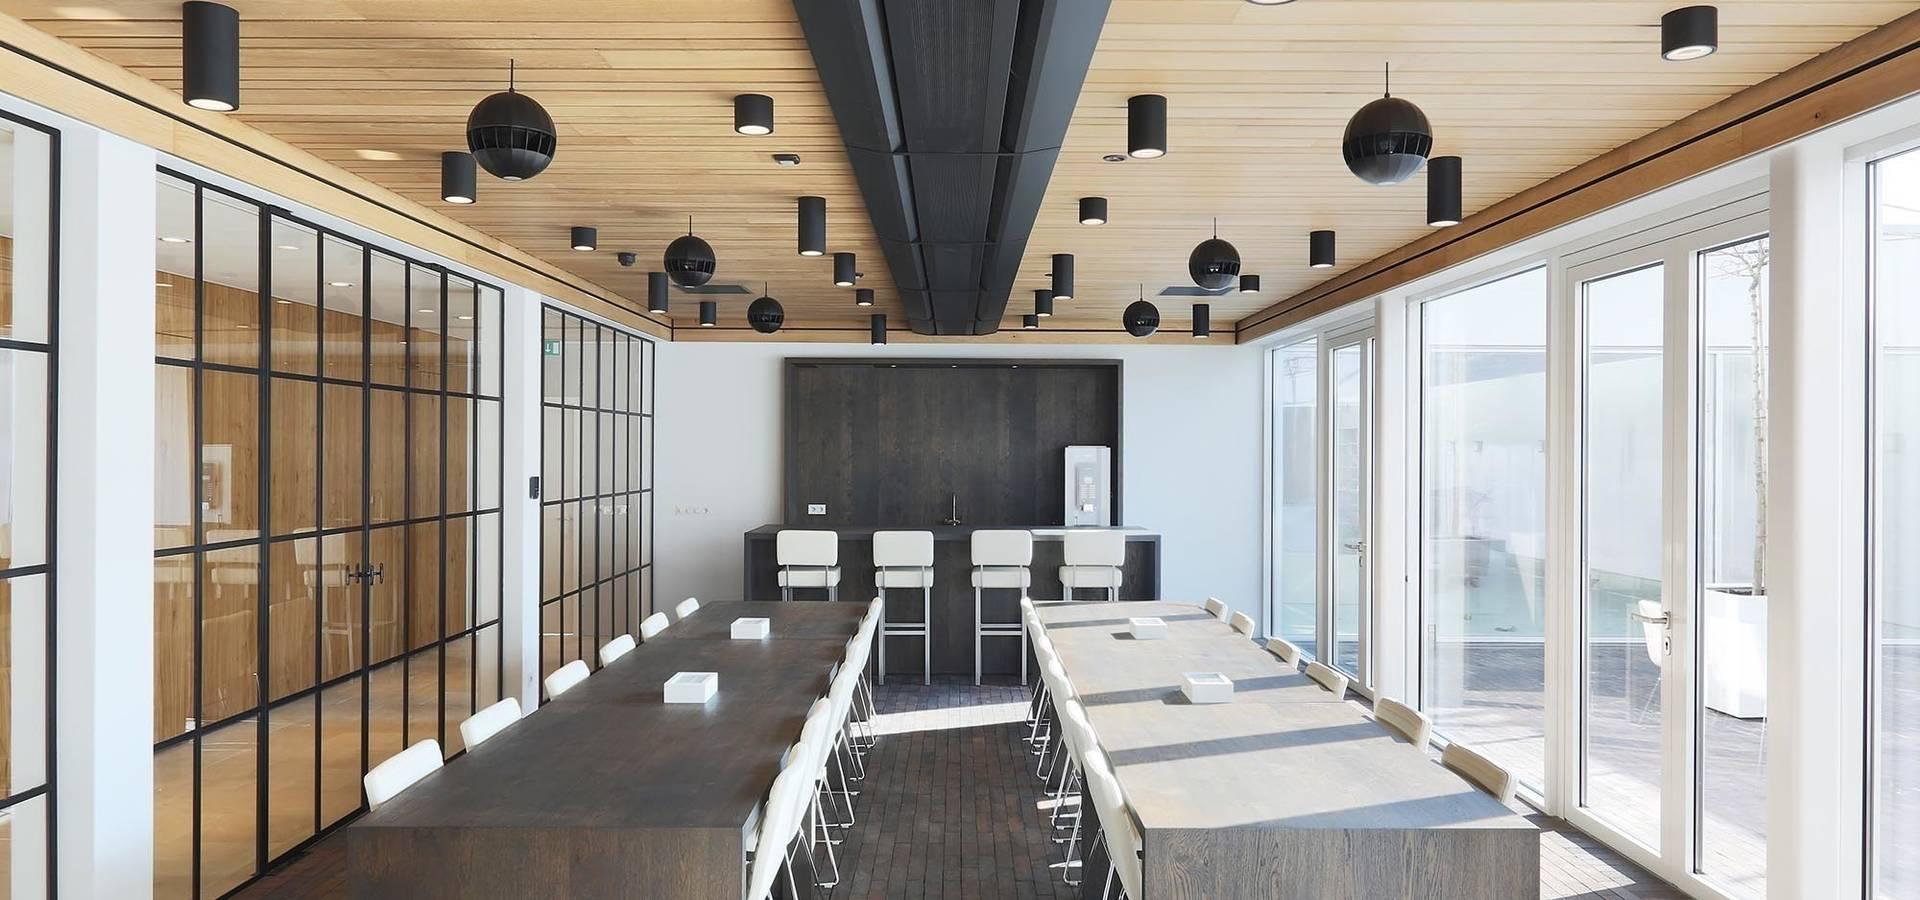 houten plafonds voor een warme uitstraling par intermontage leurink